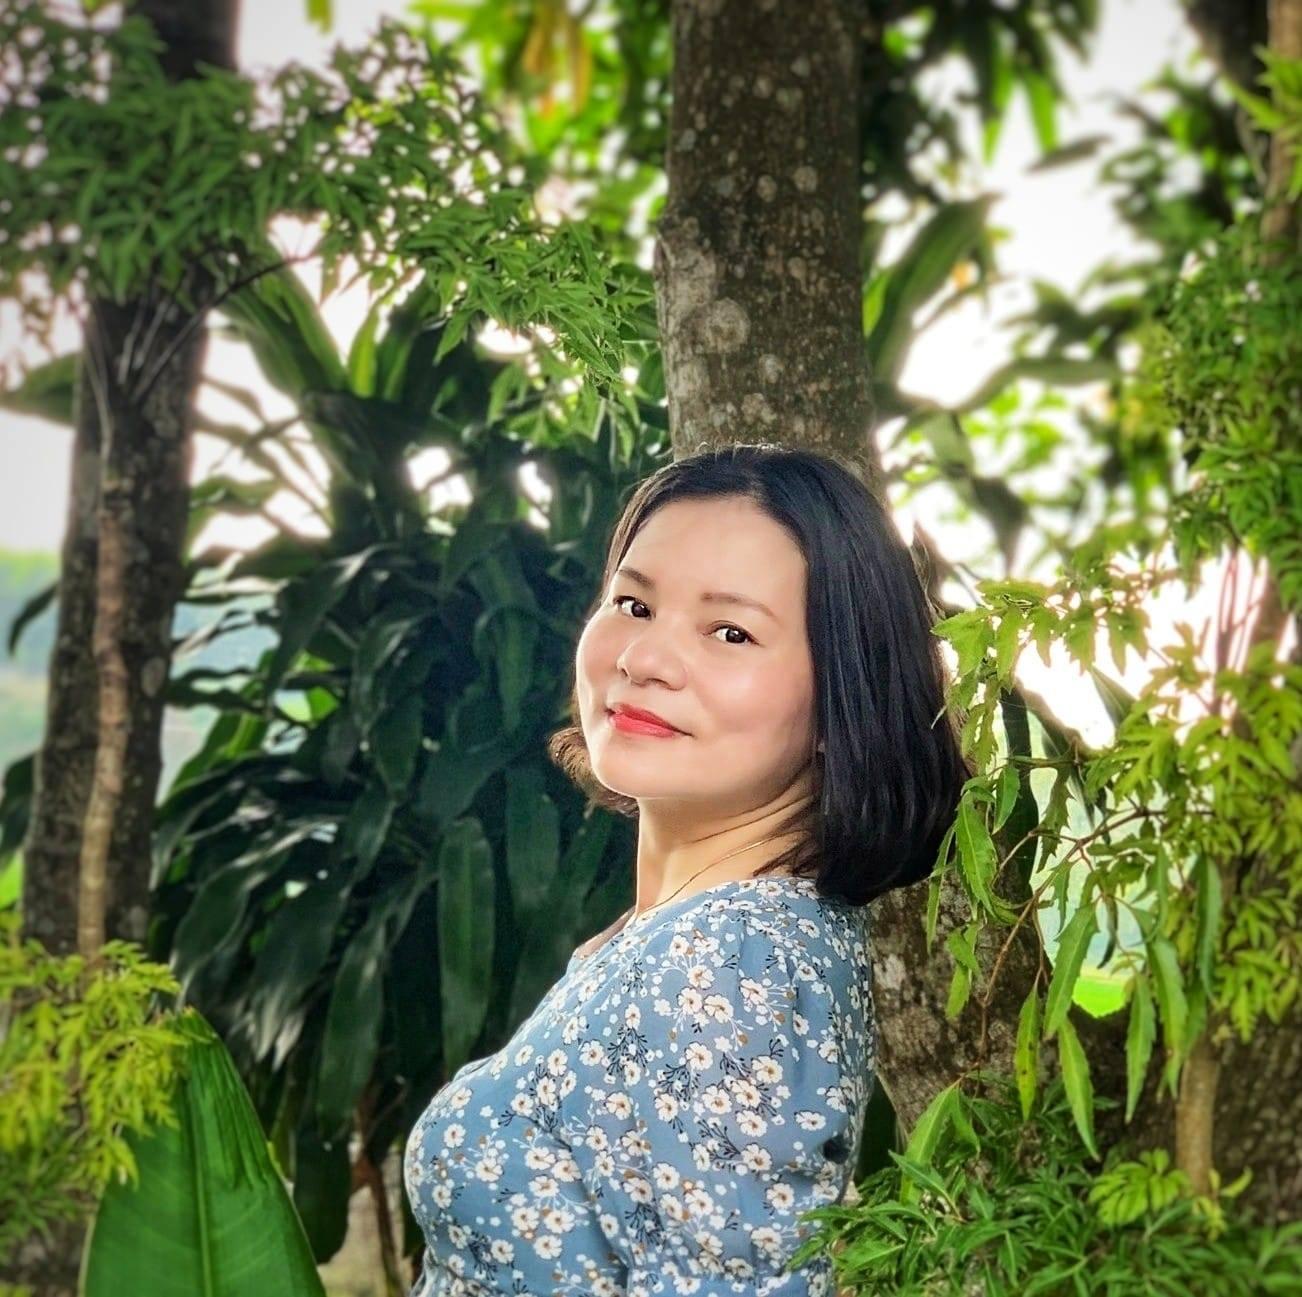 Nhà văn Nguyễn Thị Mai Phương: Nhà văn tham gia cuộc chiến chống Covid theo cách của riêng mình